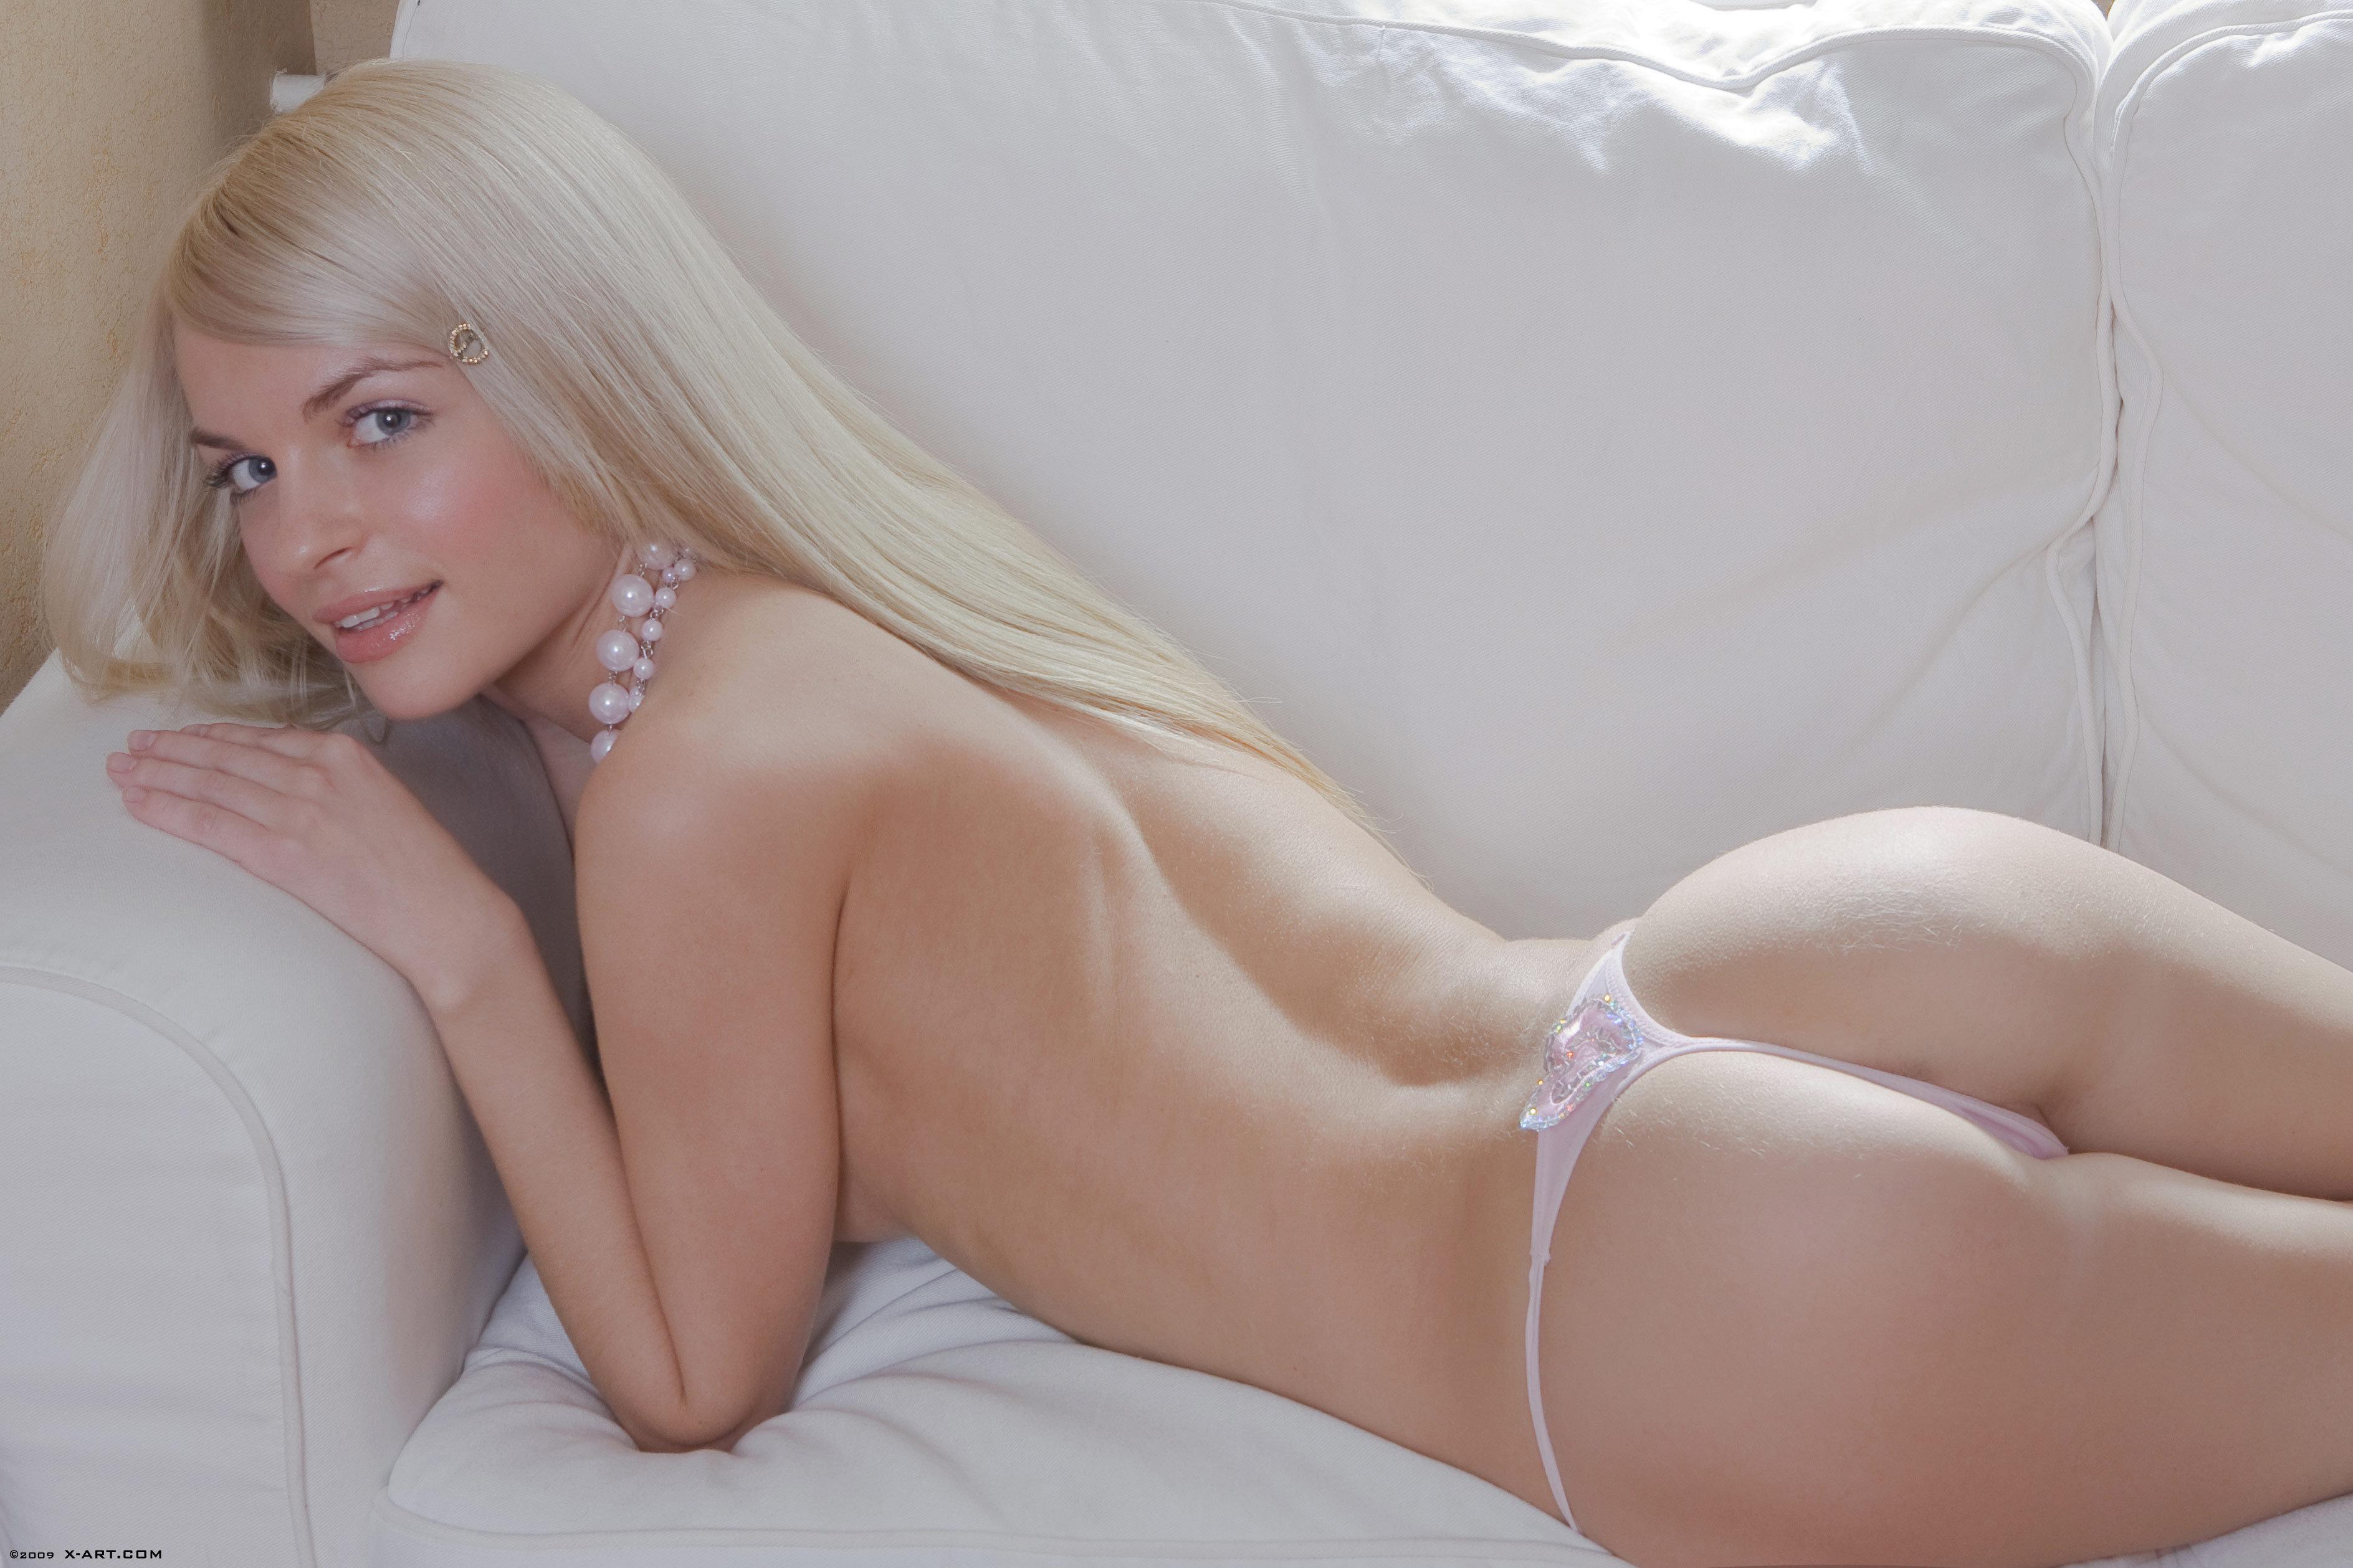 Фото голая блондинка в стрингах 19 фотография